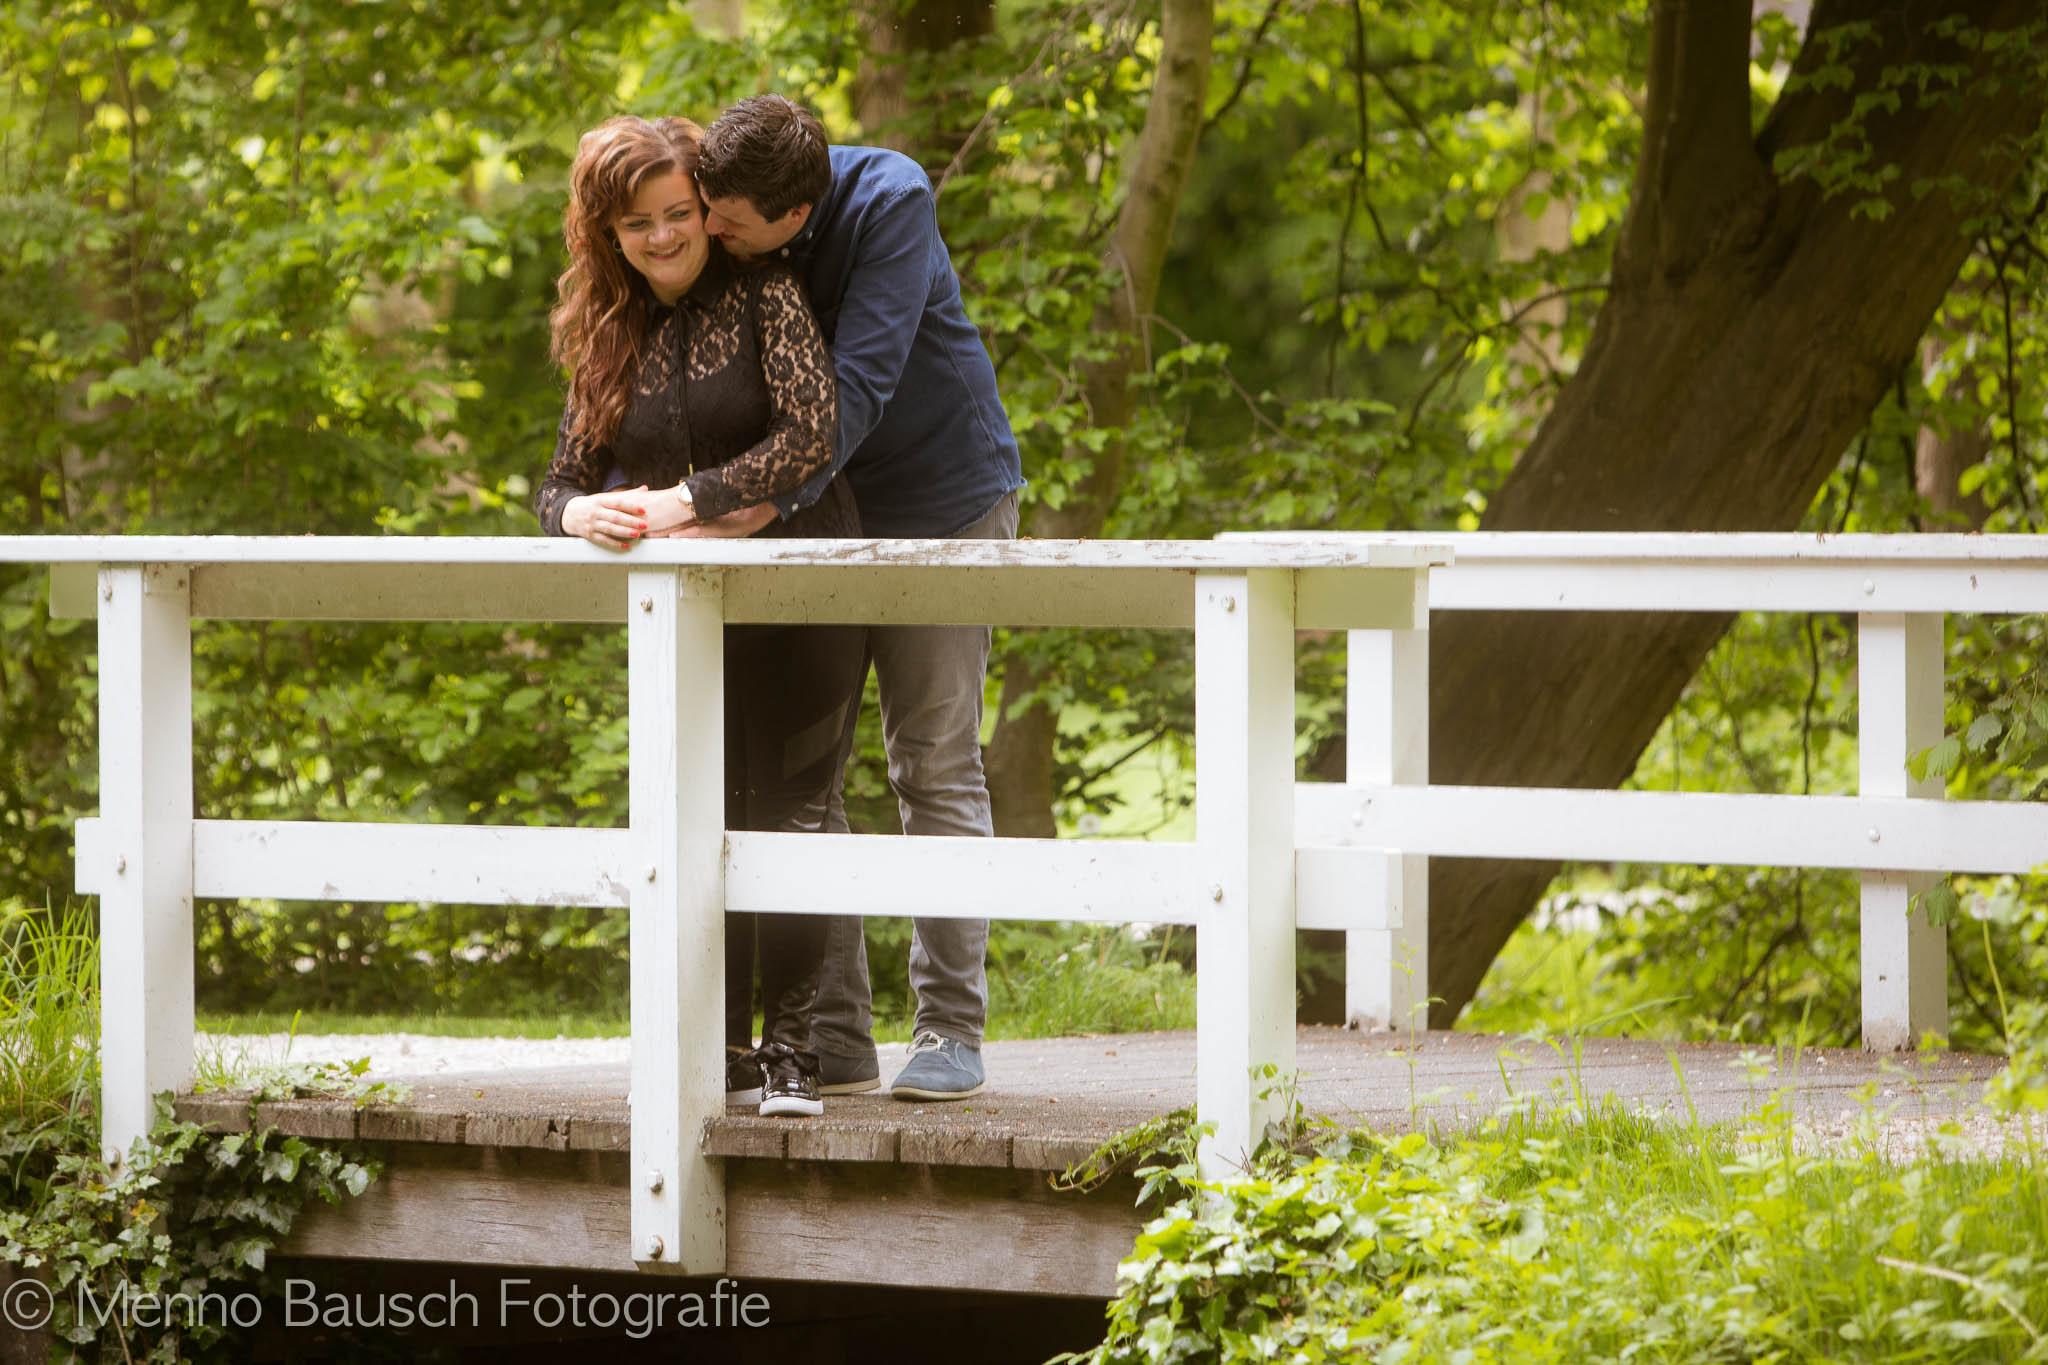 Menno Bausch Fotografie3